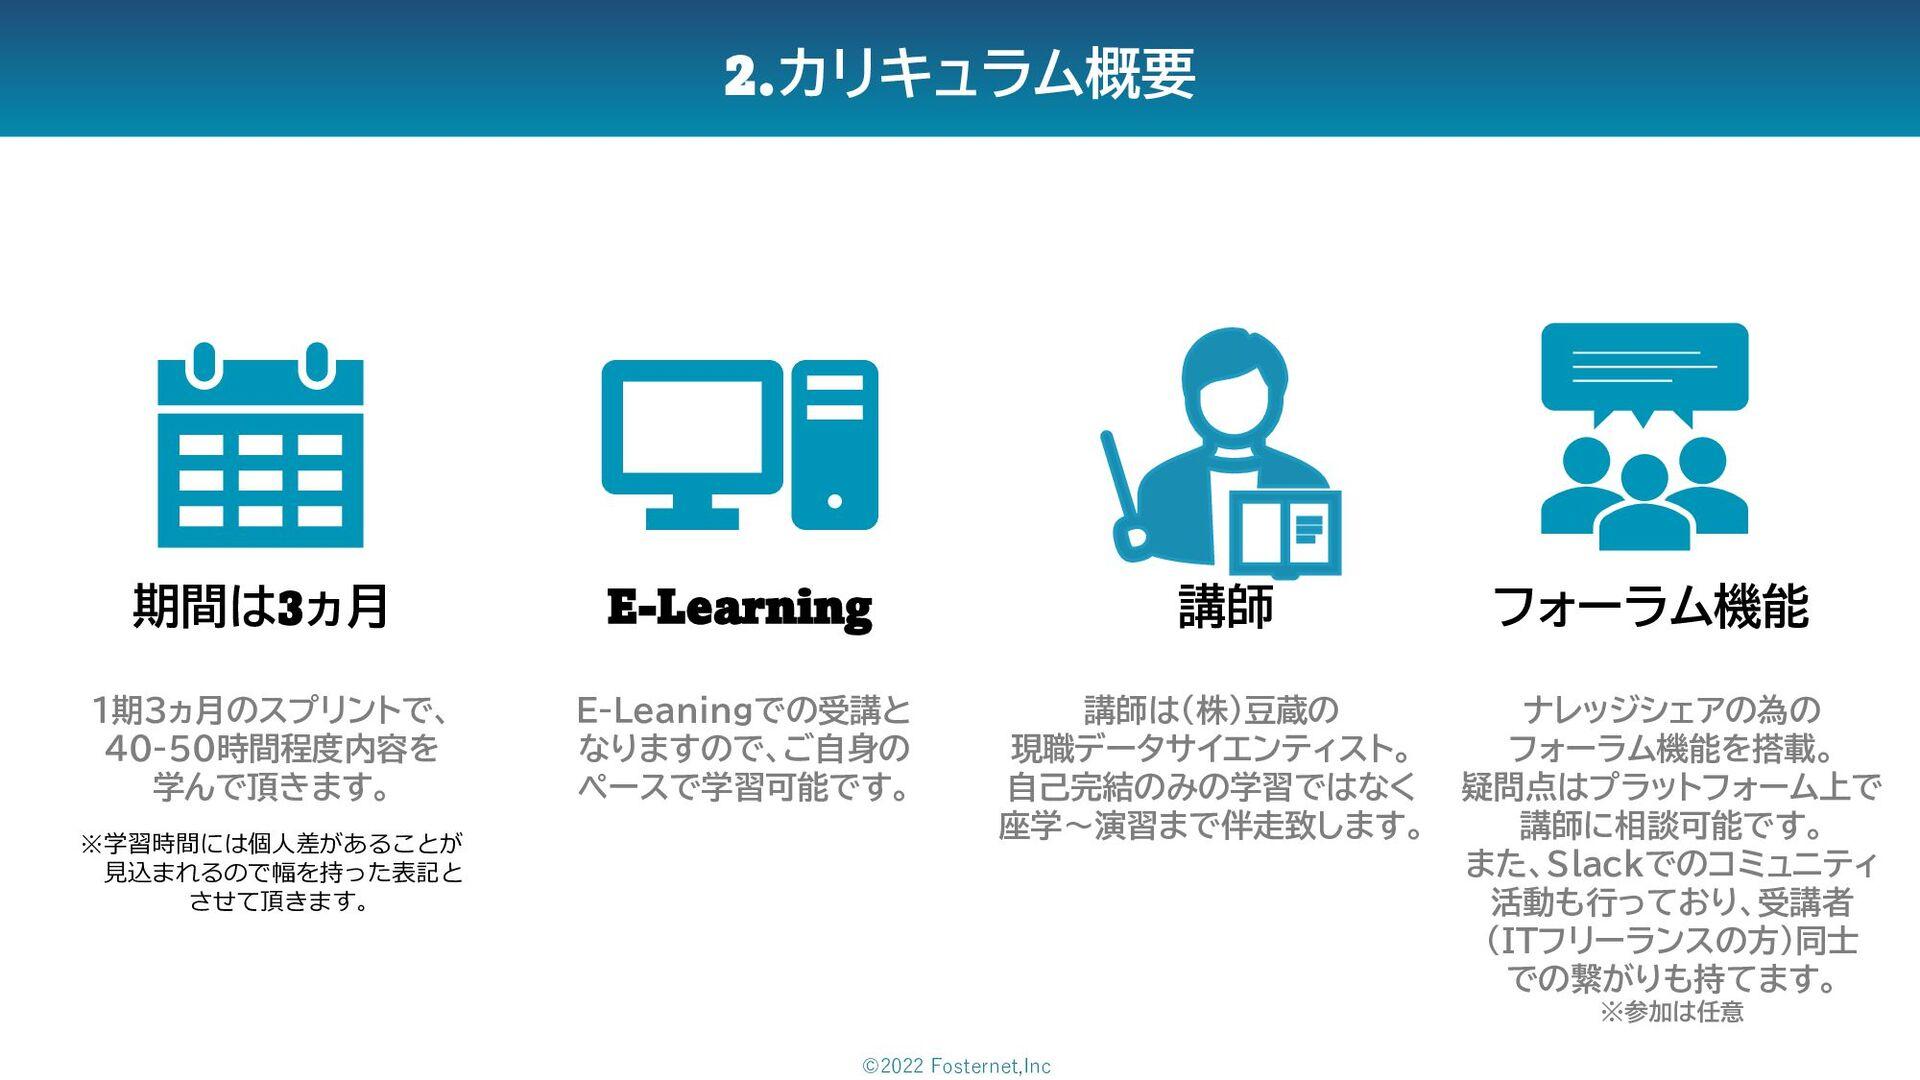 2.カリキュラム概要 期間は3ヵ月 E-Learning フォーラム機能 1期3ヵ月のスプリン...